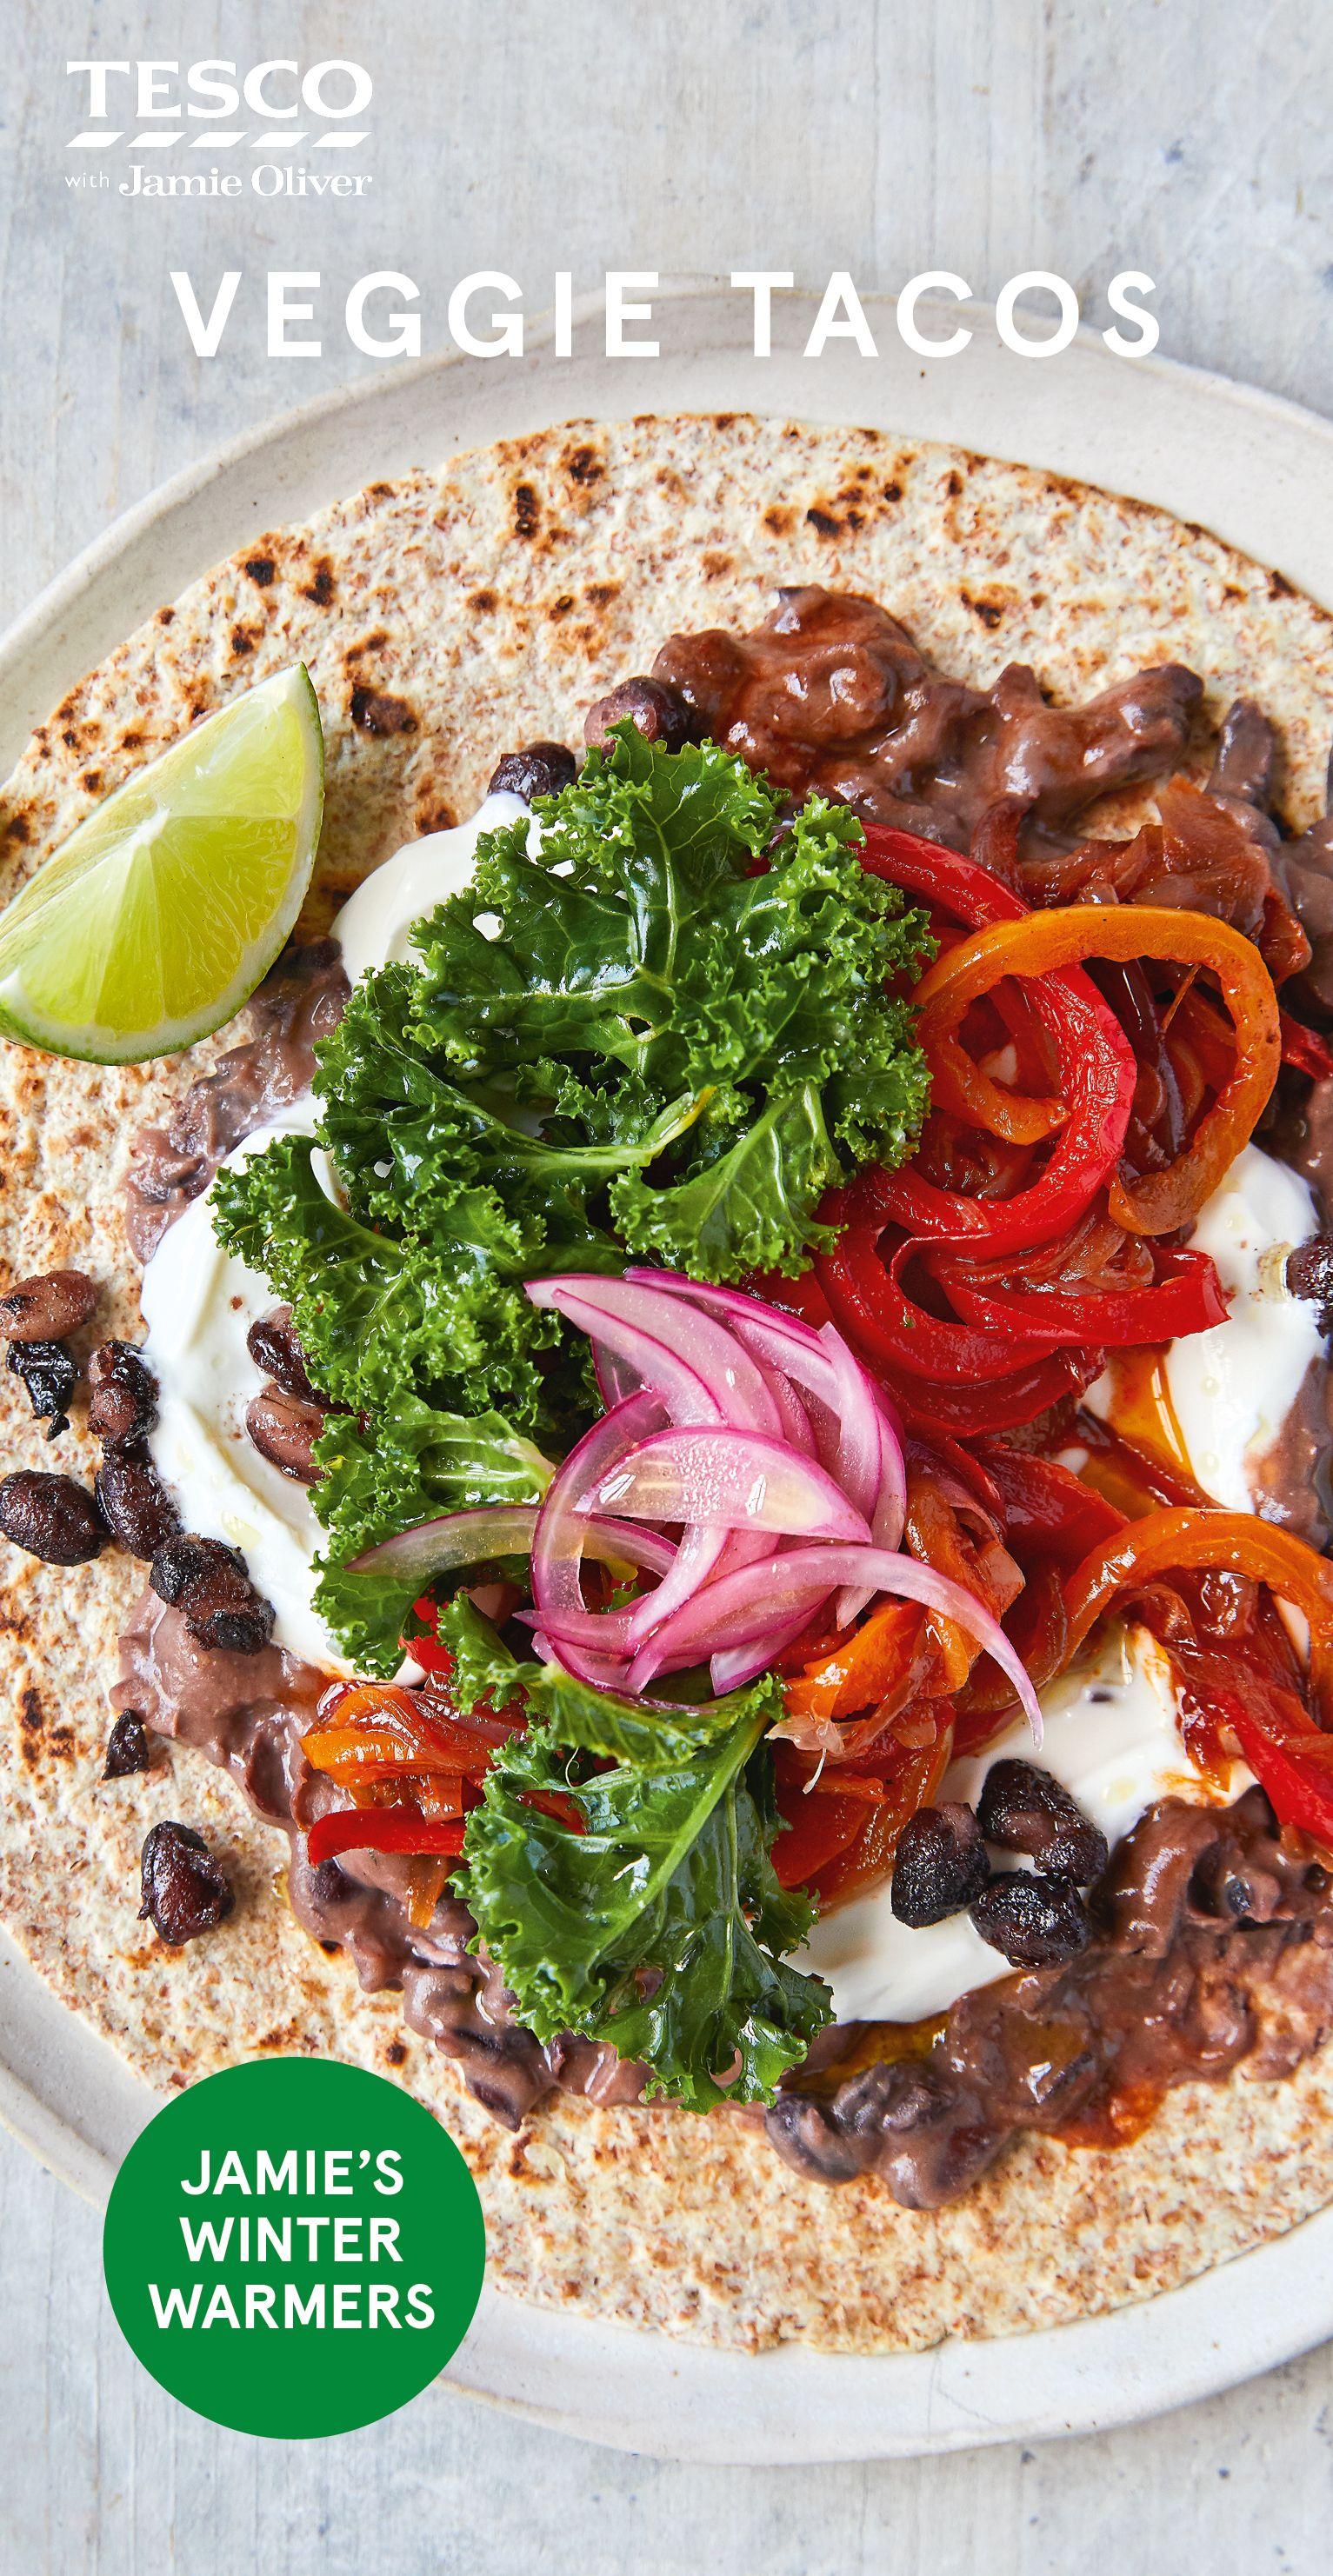 Veggie Tacos Recipe Healthy Dinner Ideas Tesco Real Food Recipe Veggie Tacos Recipes Veggie Tacos Recipes